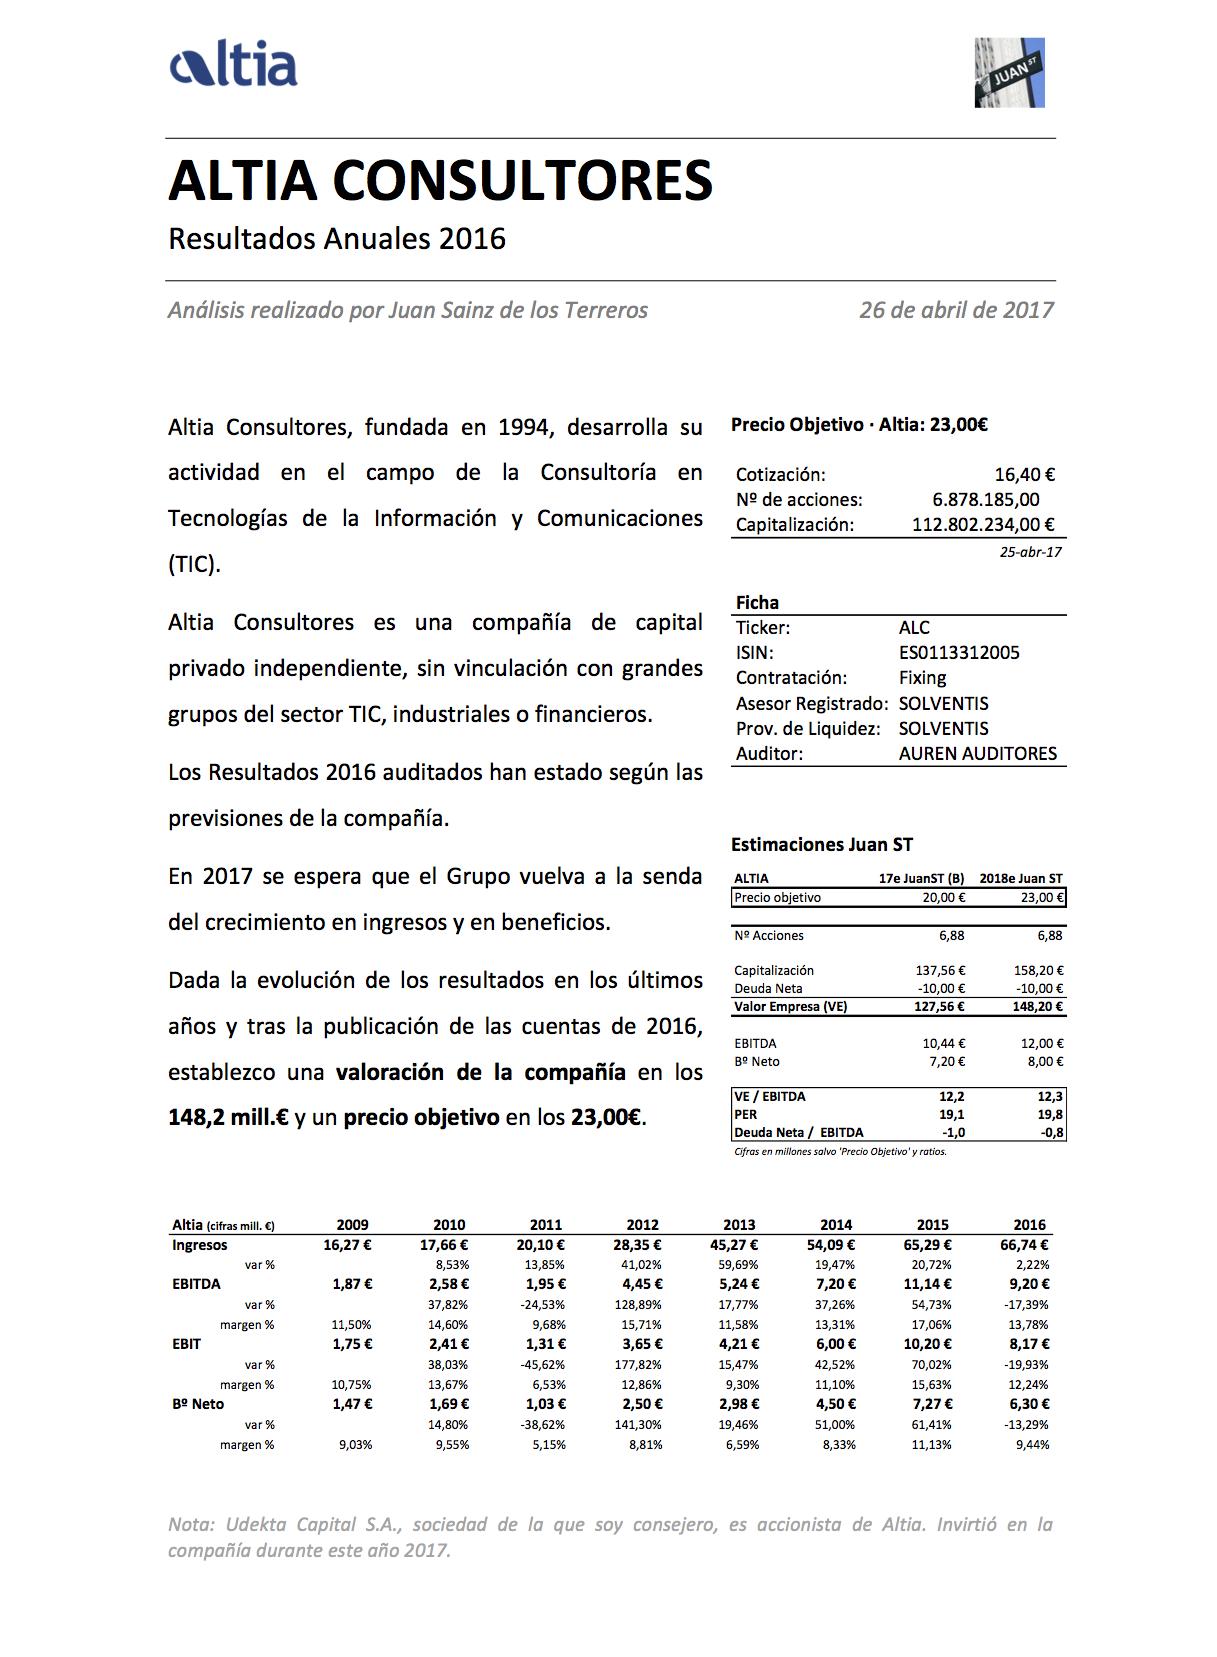 altia resultados 2016 analisis por juan st juan sainz de los terreros altia resultados 2016 analisis por juan st